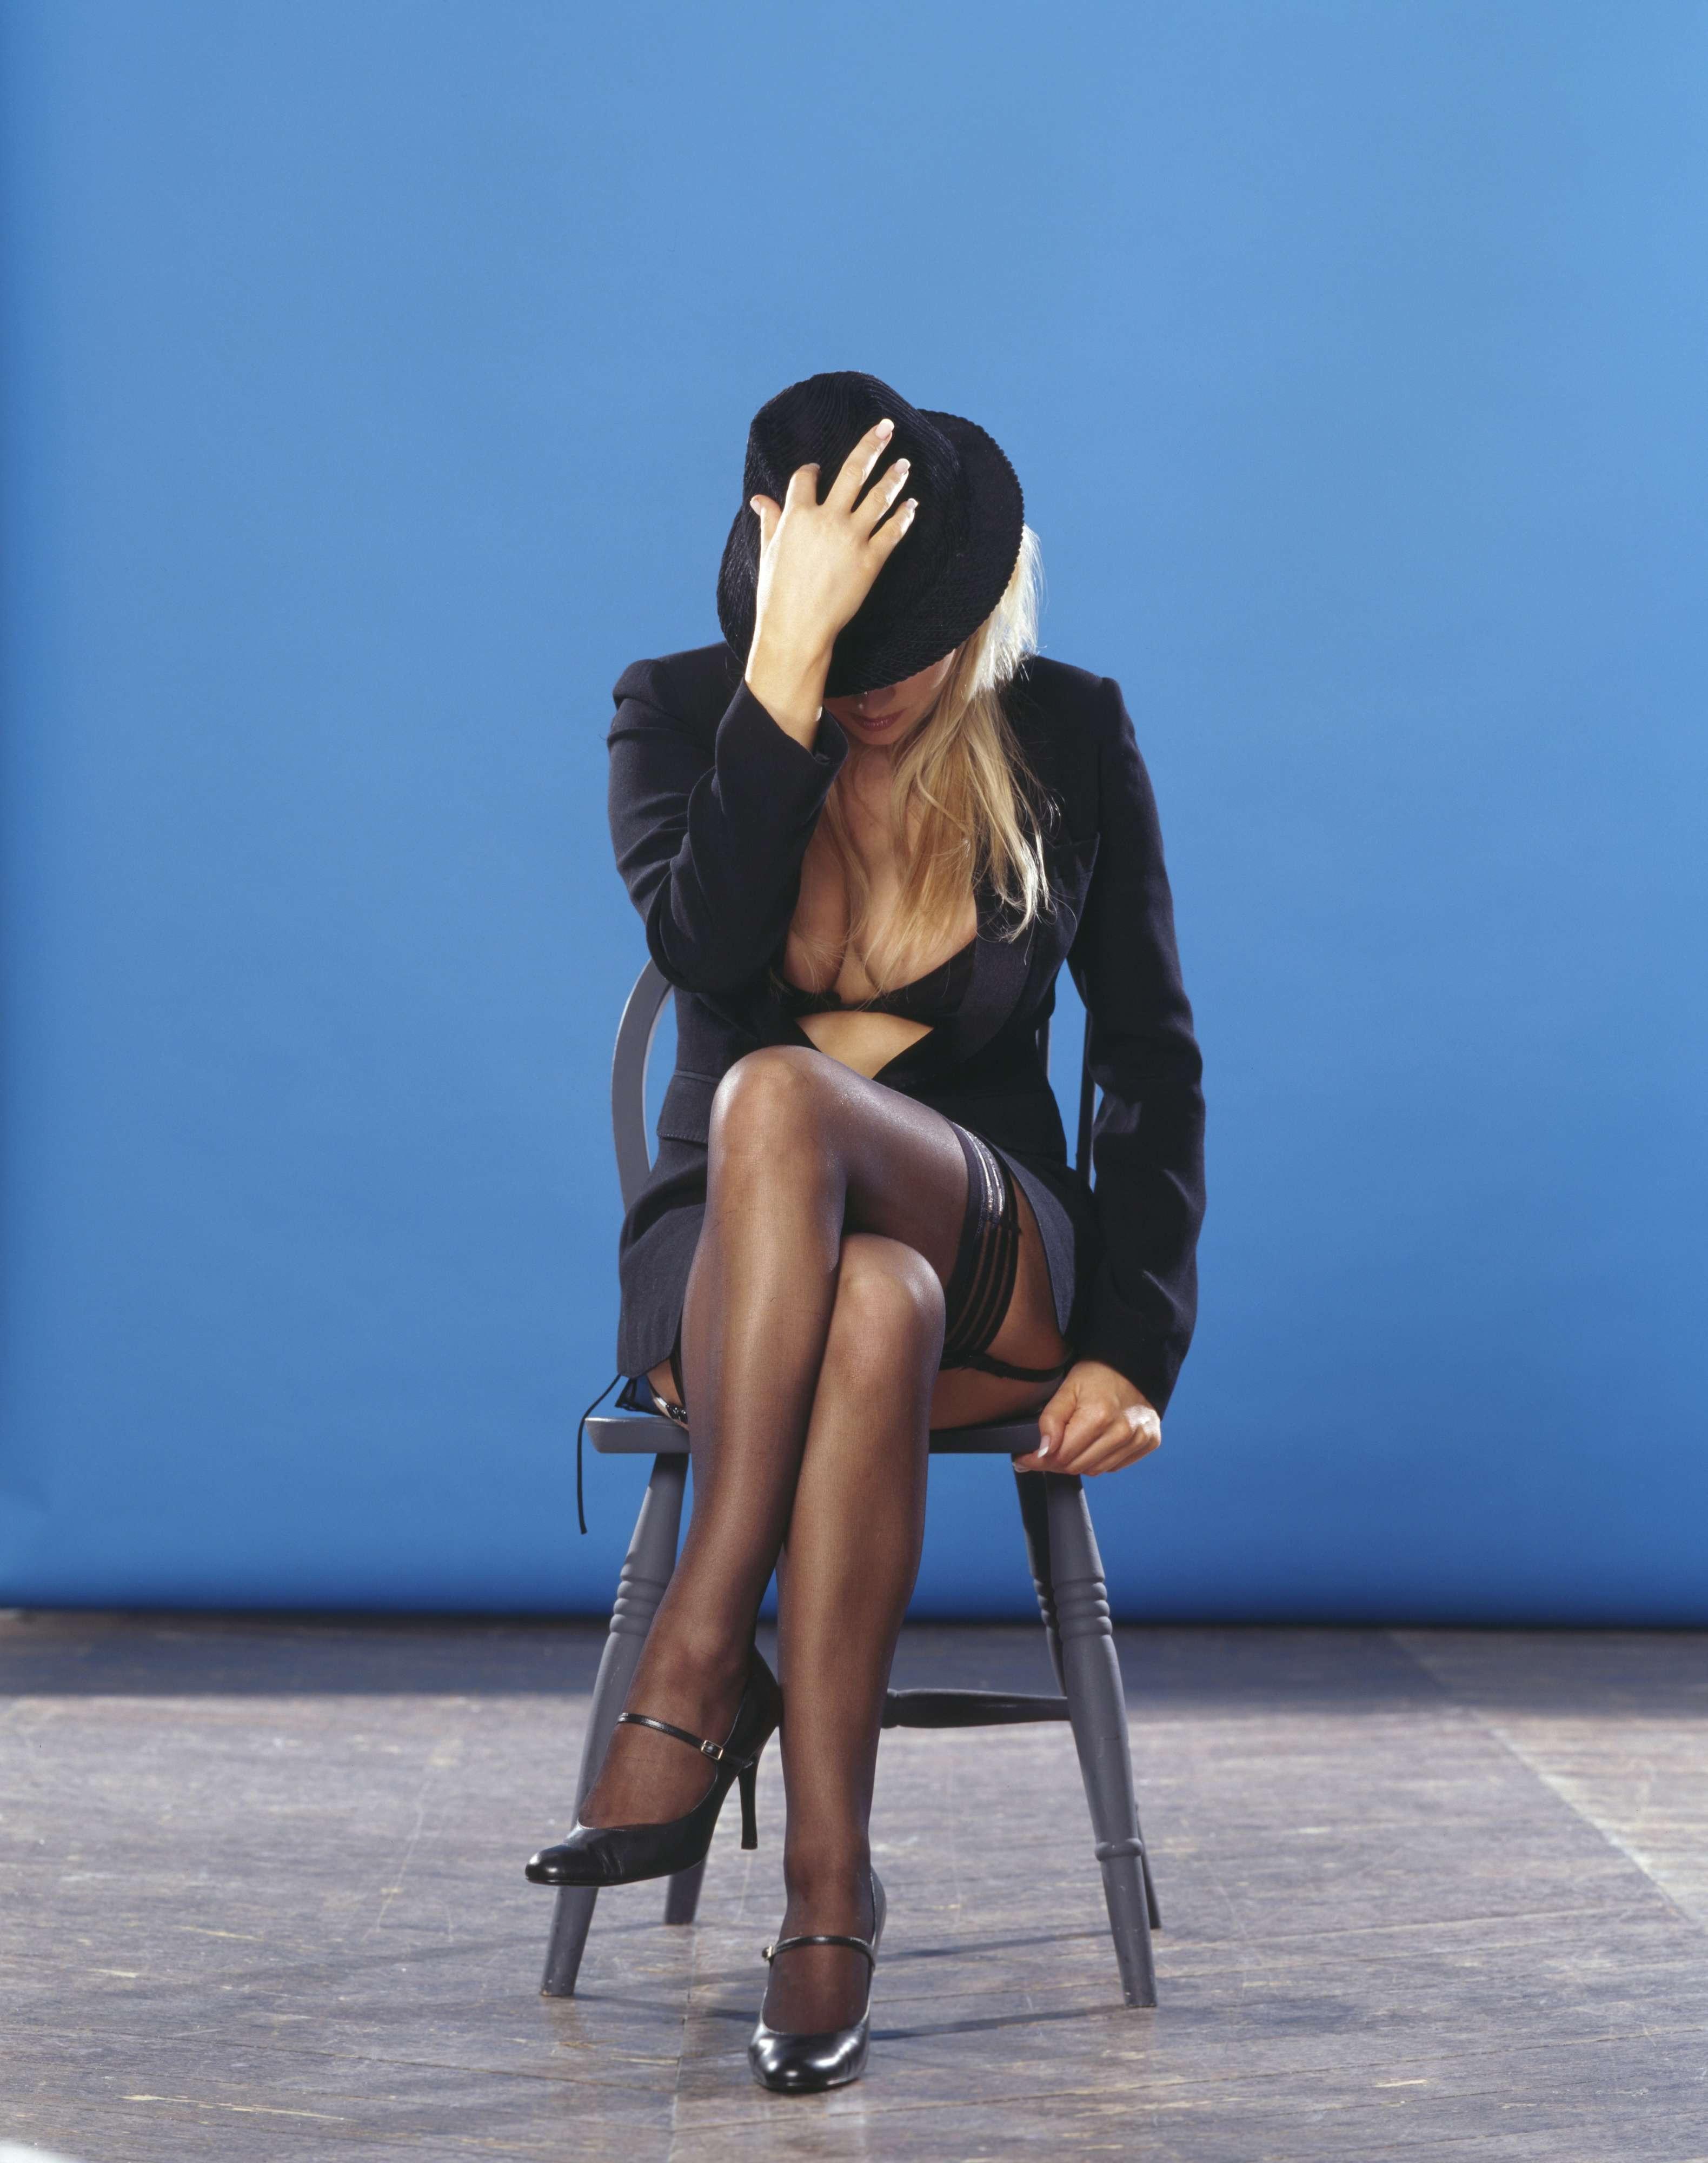 Аватар: Девушка на стуле - Категория